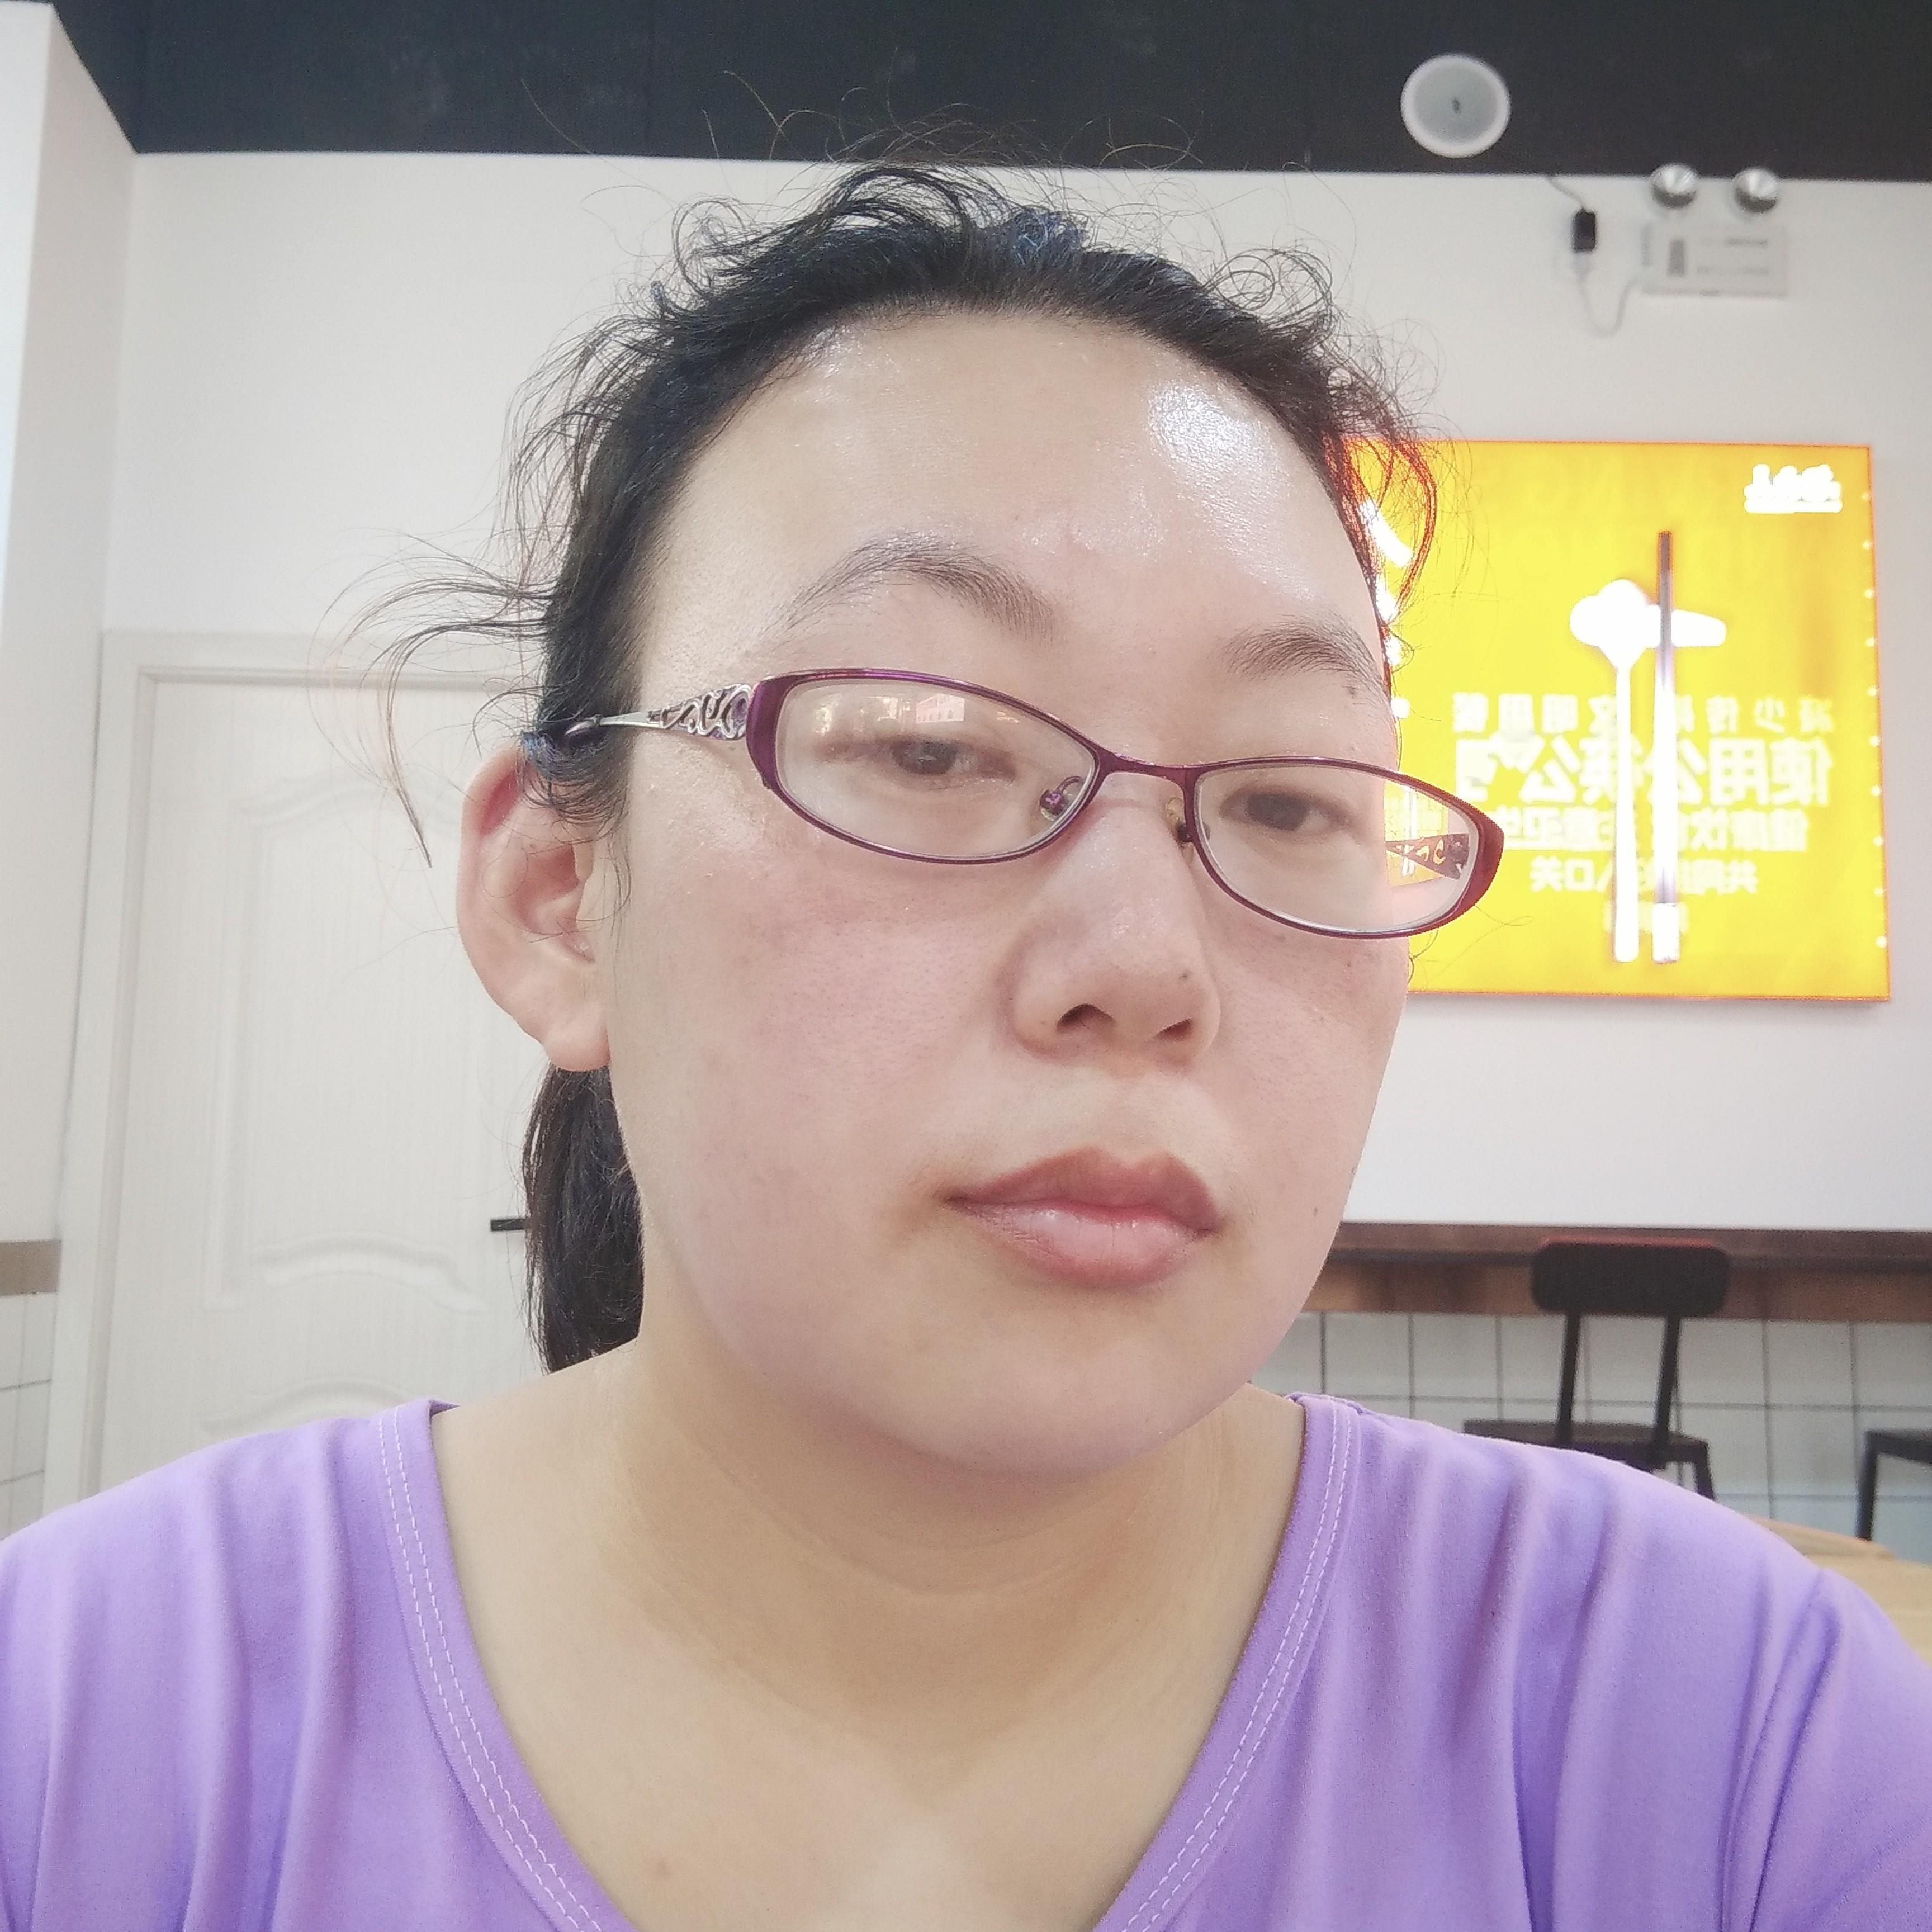 衬衫的缥缈的照片